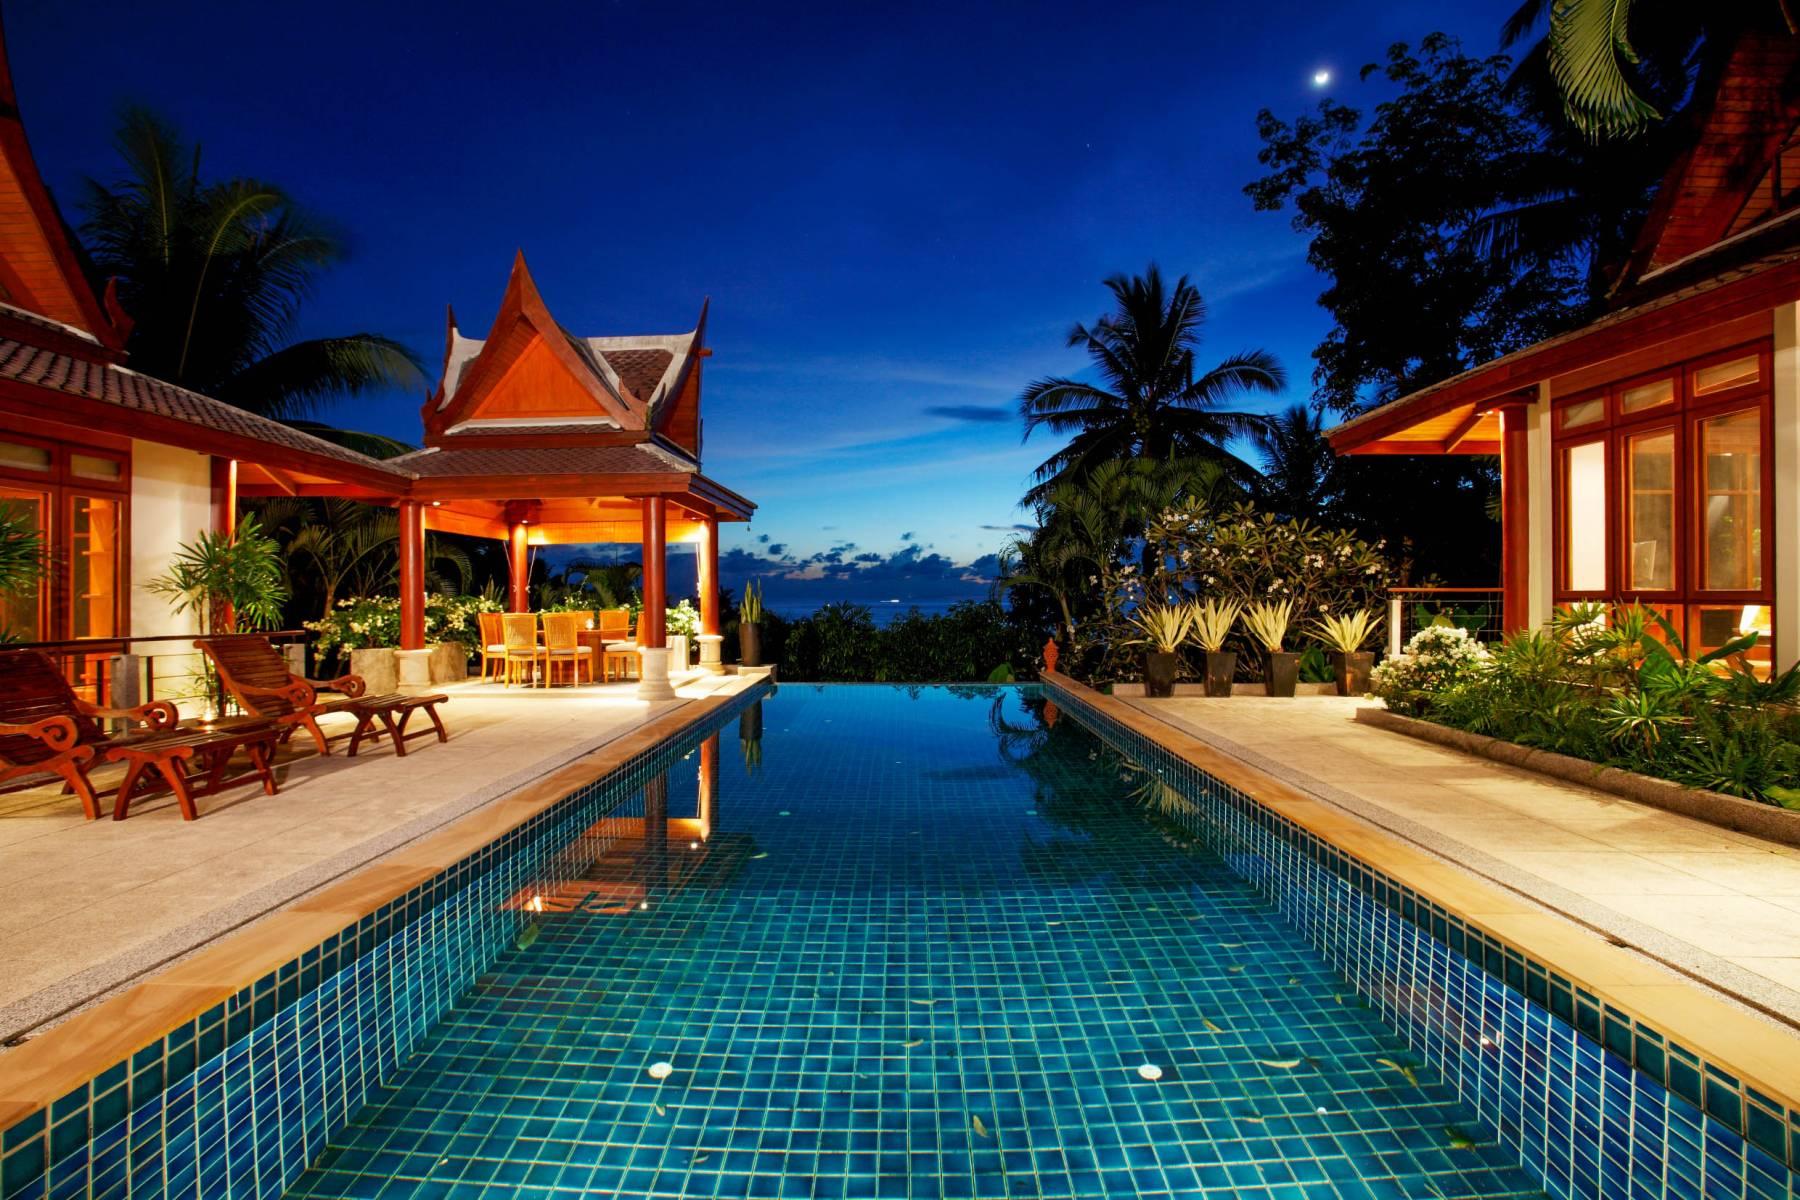 Villa Sereniti | Luxury Thai Villa, Phuket, Surin Beach, Thailand